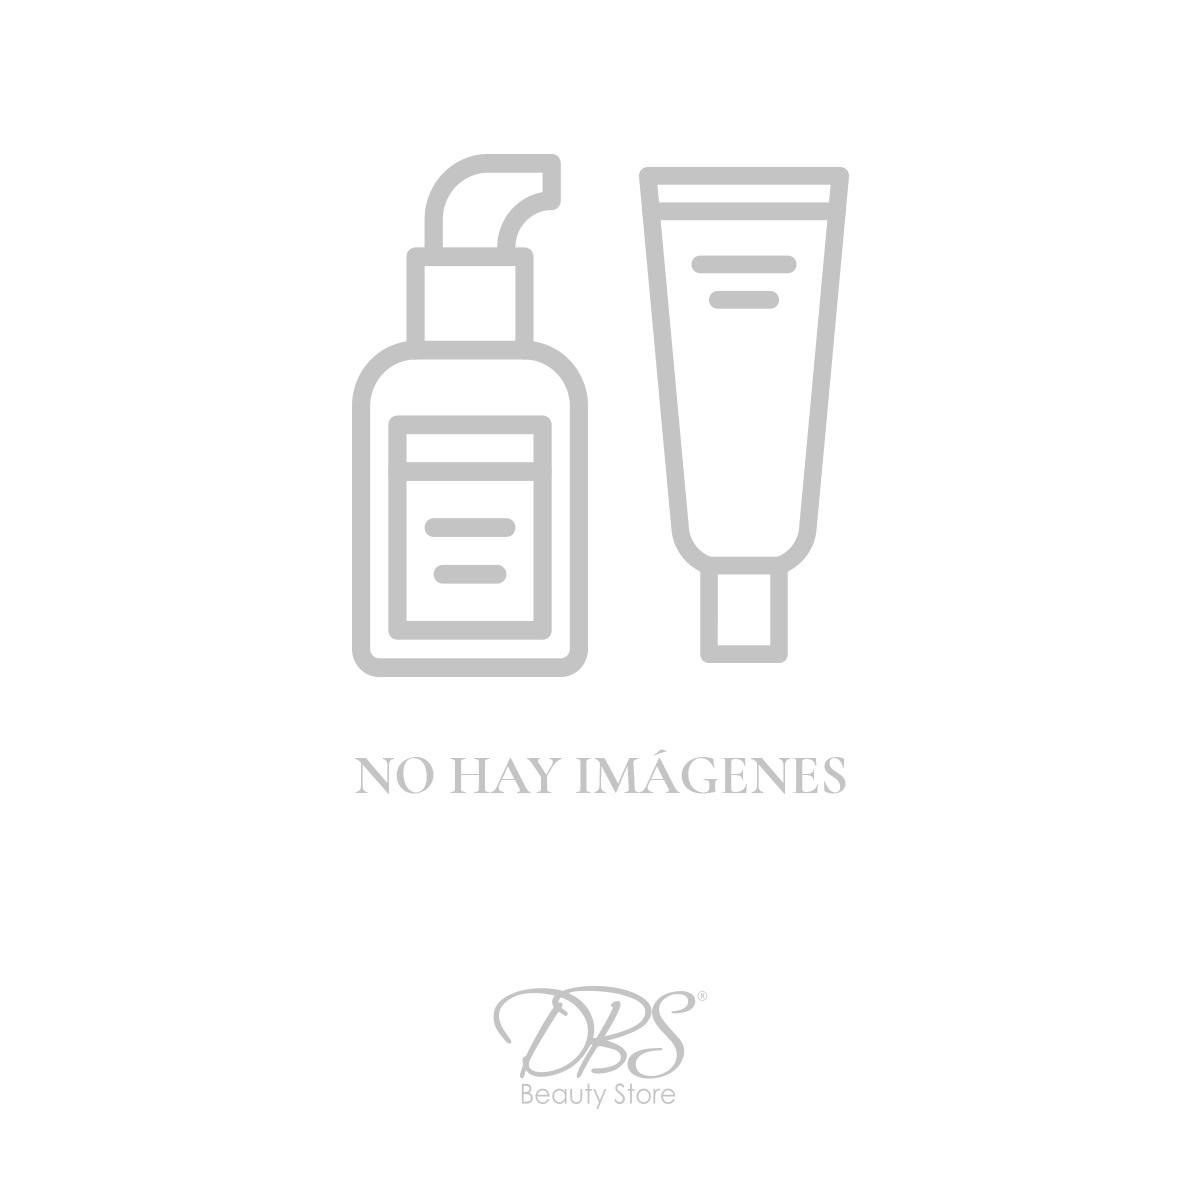 bath-and-body-works-BW-03211.jpg